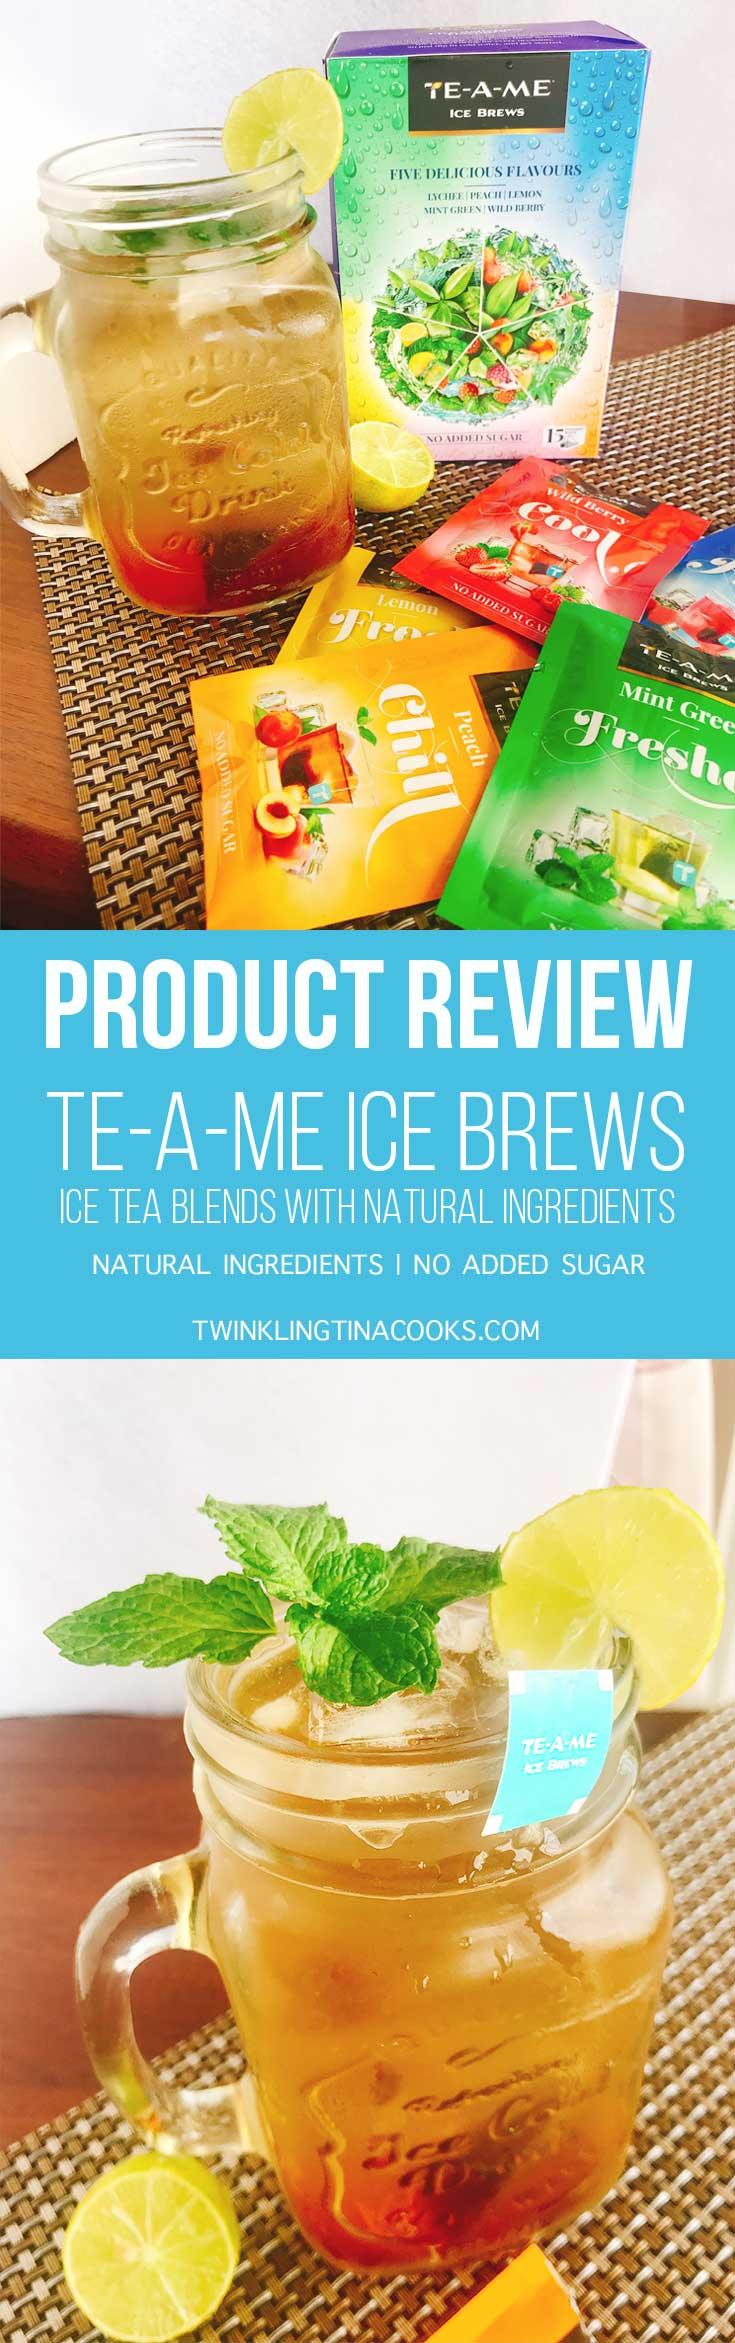 TE-A-ME-Ice Brews review